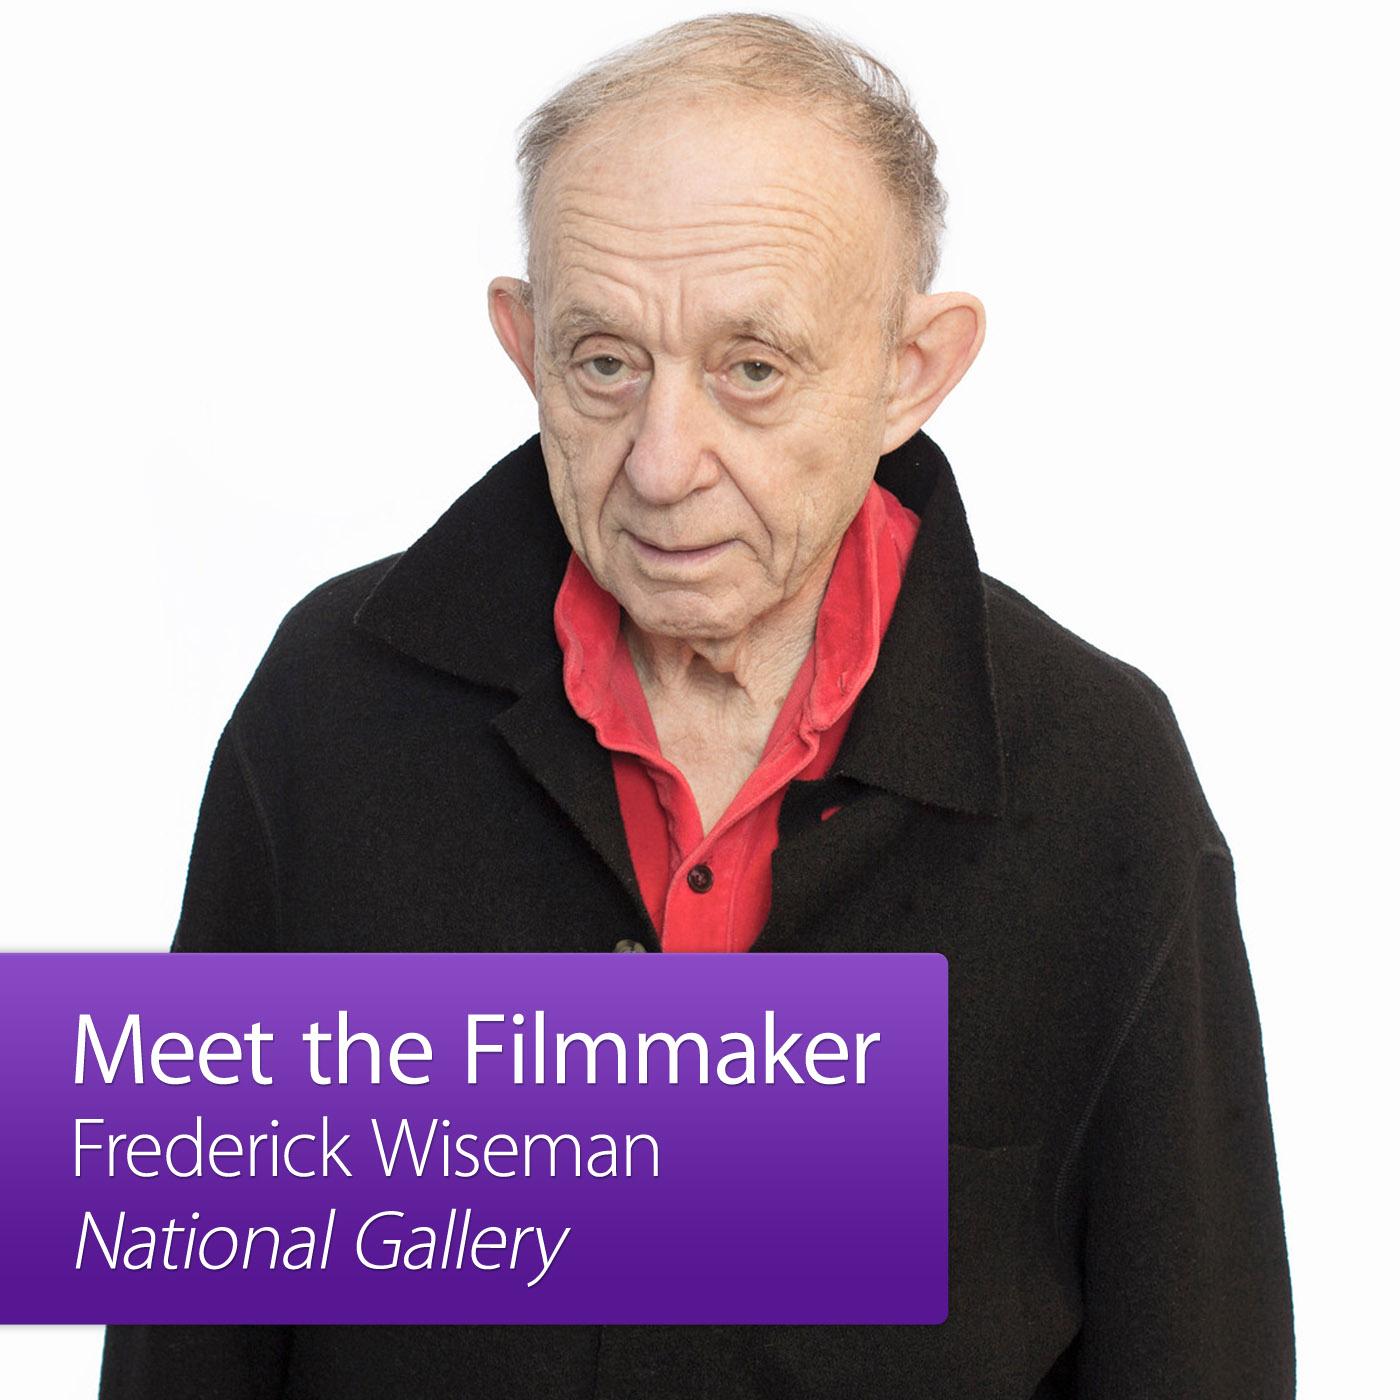 Frederick Wiseman: Meet the Filmmaker